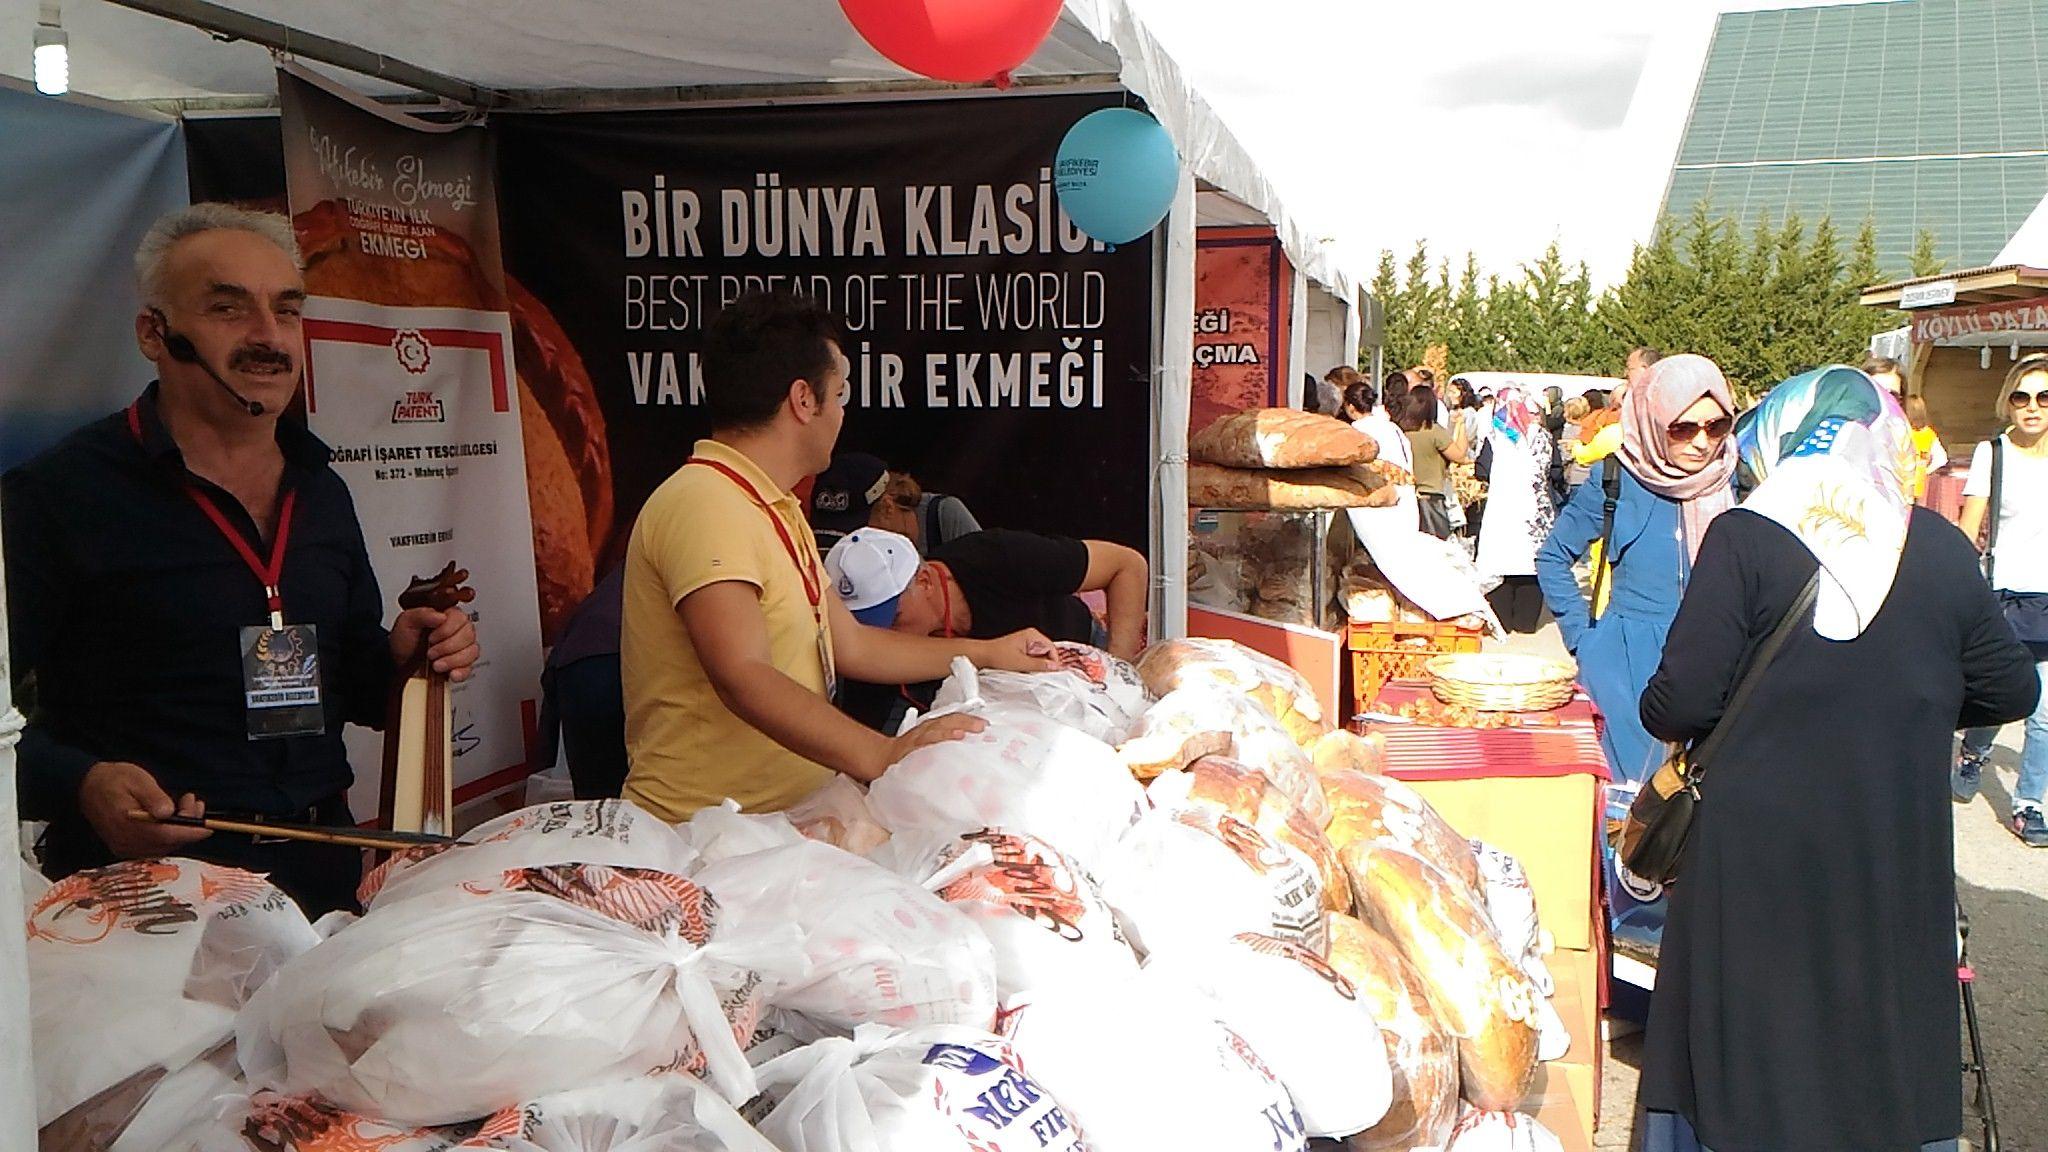 Trabzon Vakfıkebir Ekmeği 2.Ekmek Festivalinde Fotoğrafları